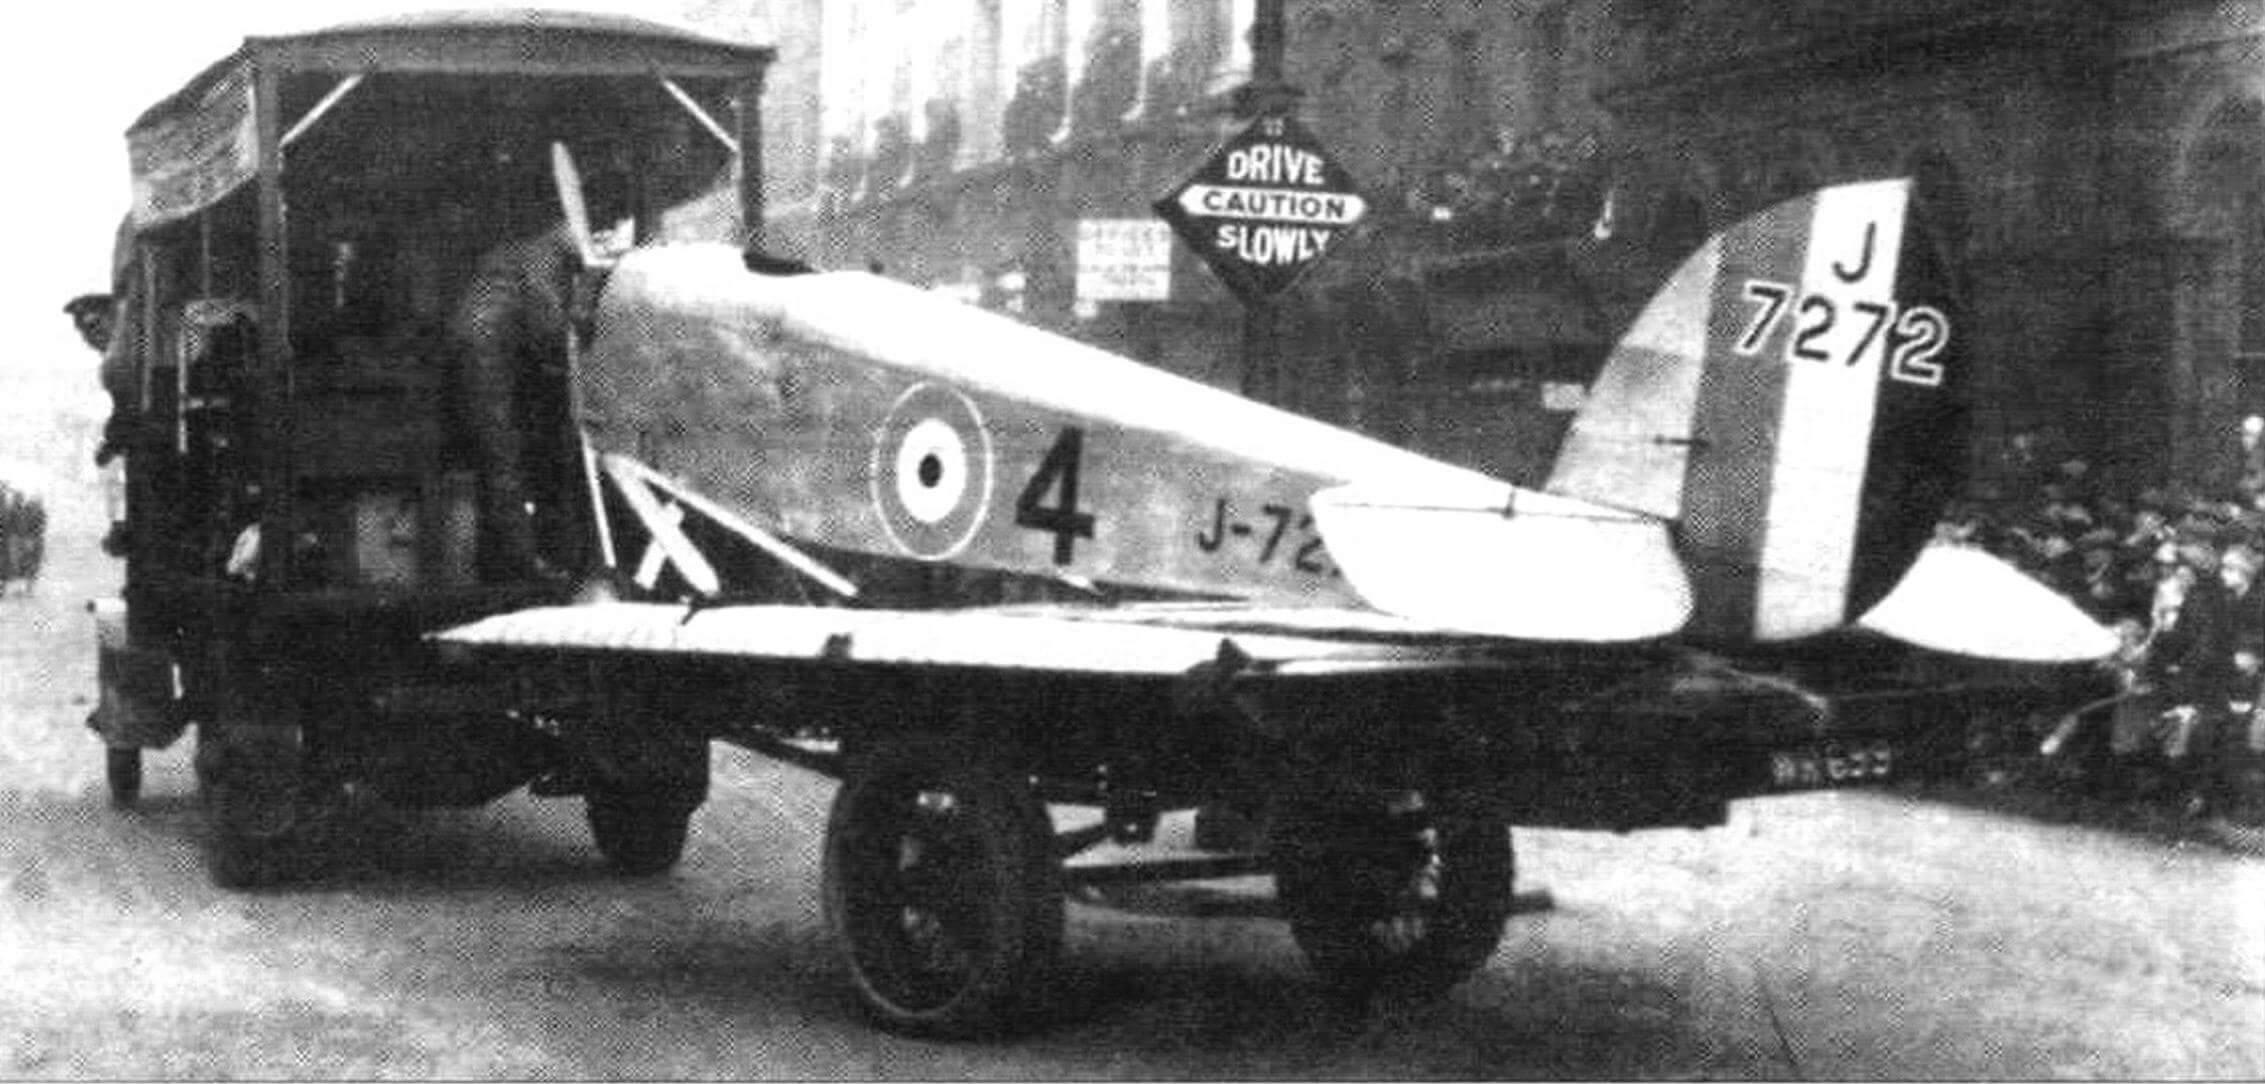 Один из самолетов ВВС везут через Лондон на автоприцепе, 1925 г.